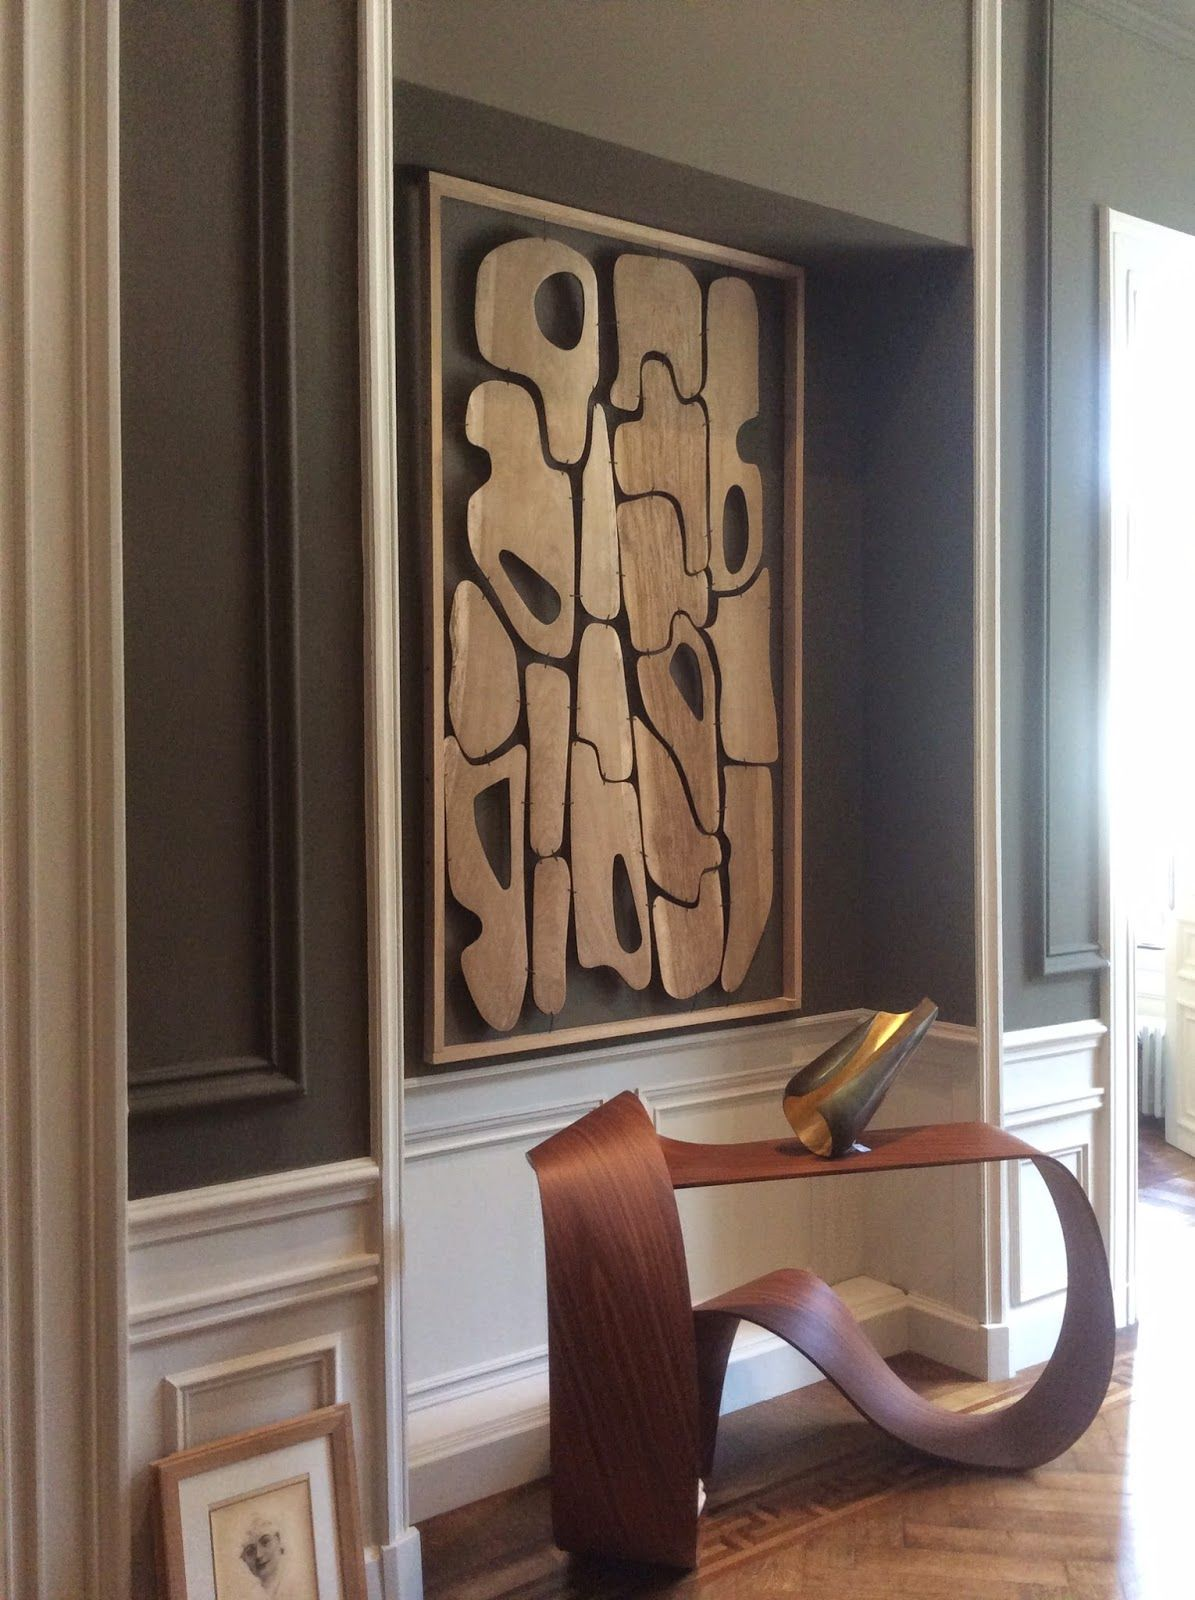 Franck Evennou Sculptures Idees De Decor Deco Interieur Design Deco Contemporaine